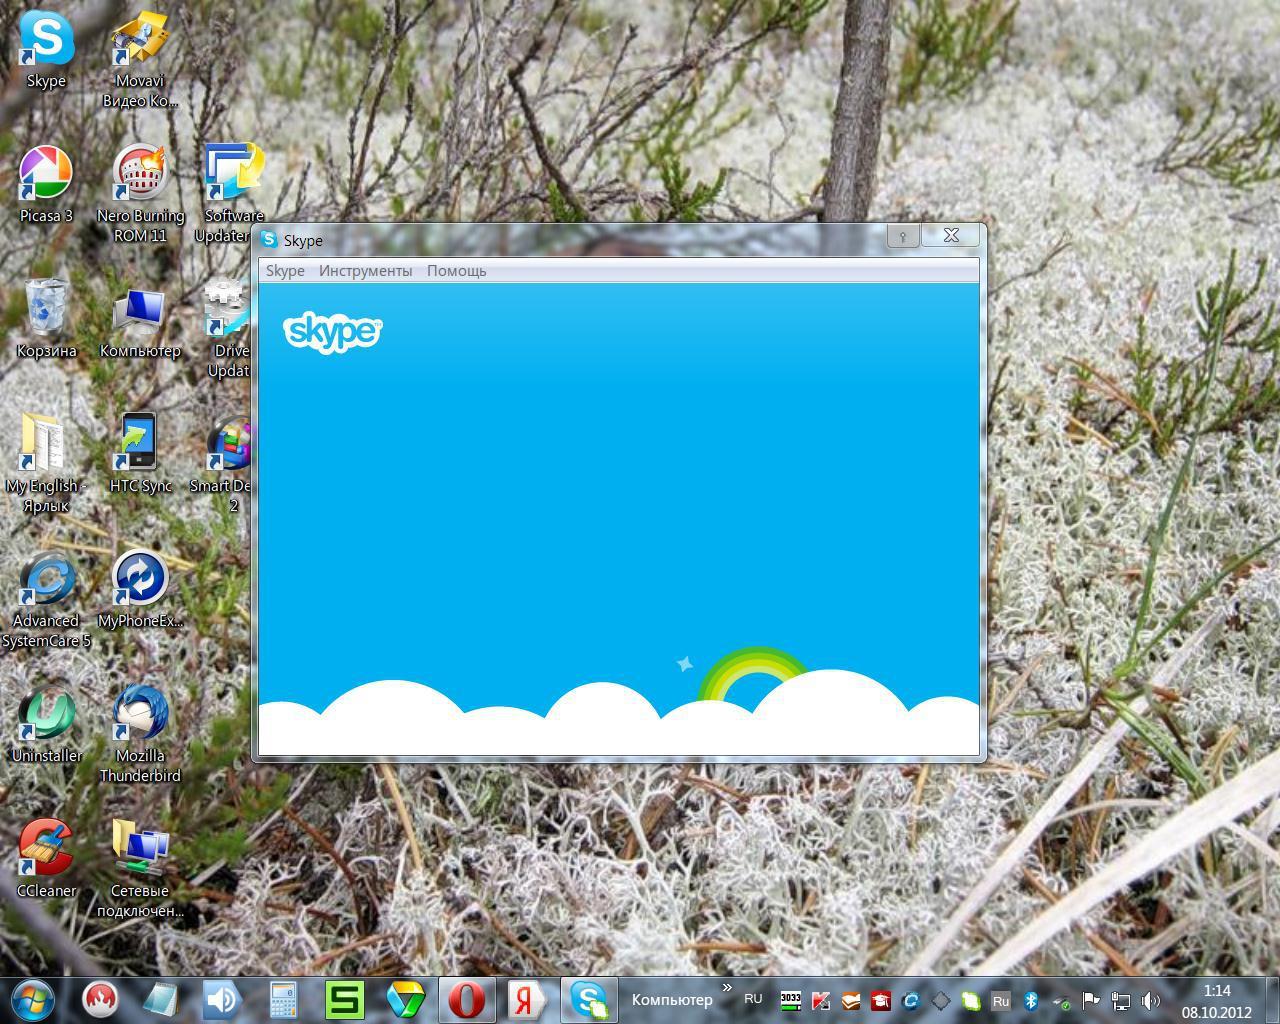 Как в скайпе сделать фото на весь экран